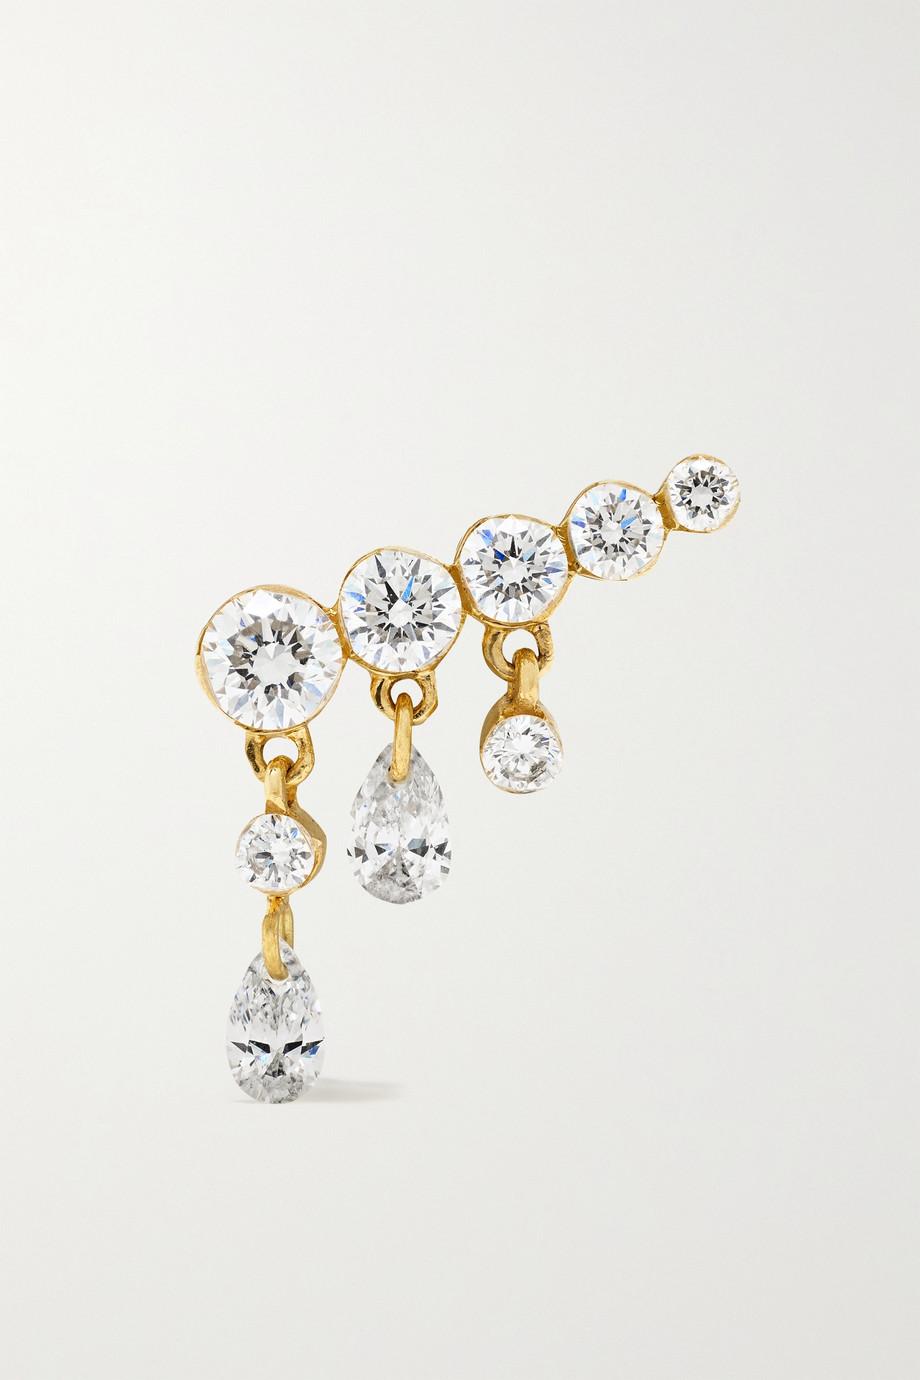 MARIA TASH Boucle d'oreille en or 18 carats et diamants Invisible Crescendo 11 mm